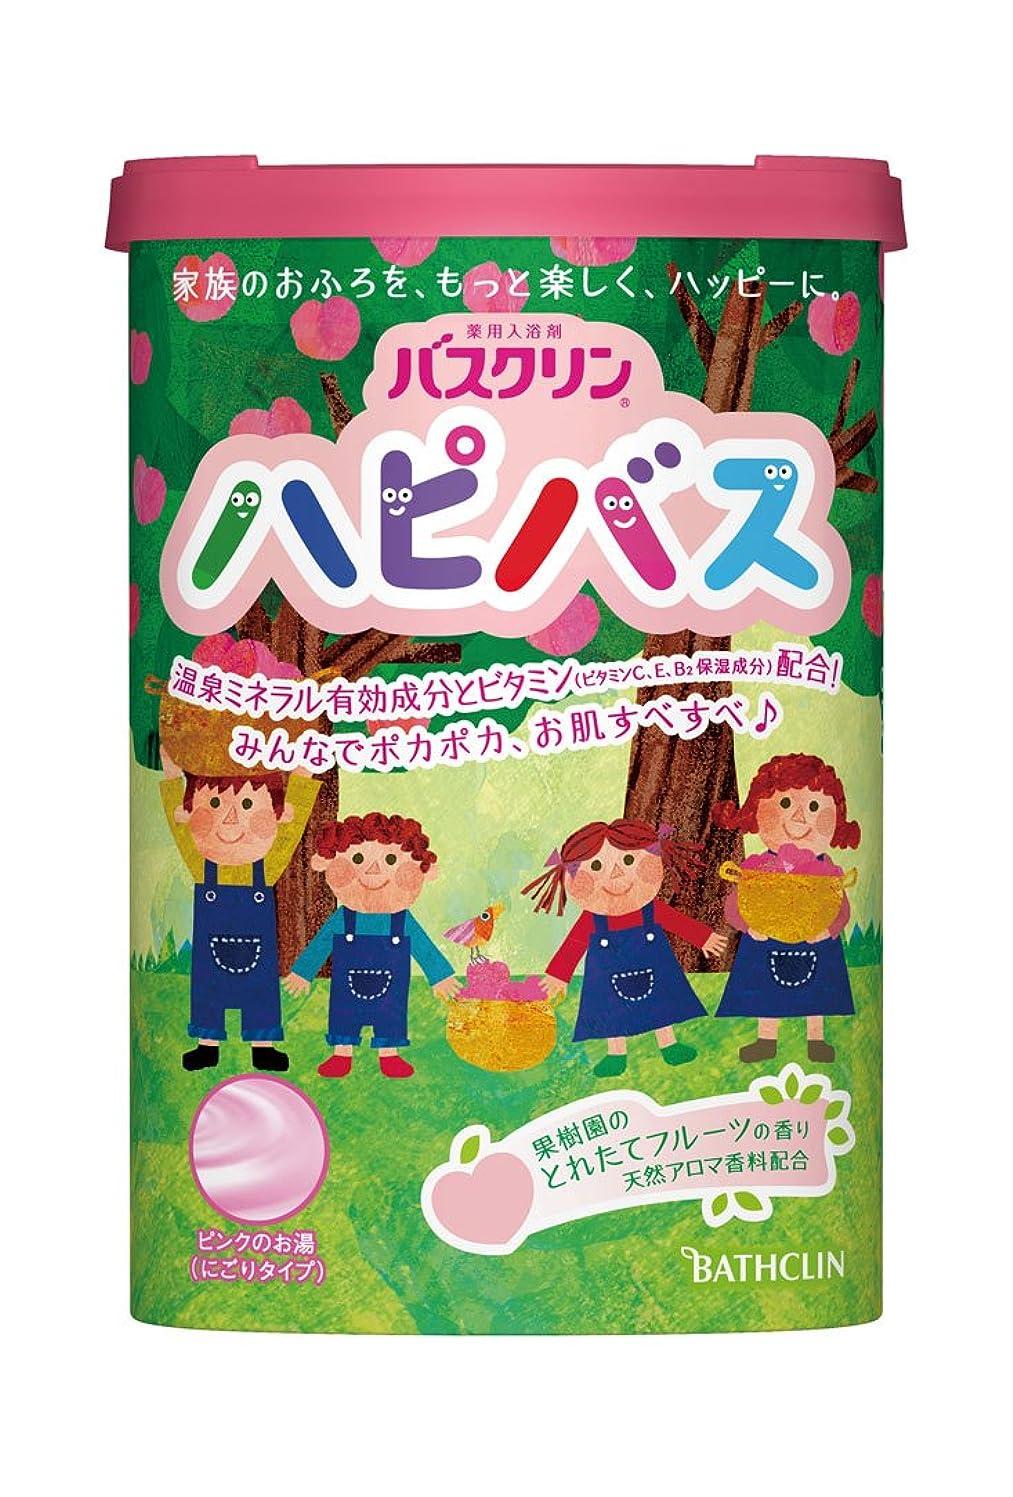 残る責め多分バスクリン ハピバス 果樹園のとれたてフルーツの香り 600g にごりタイプ 入浴剤 (医薬部外品)